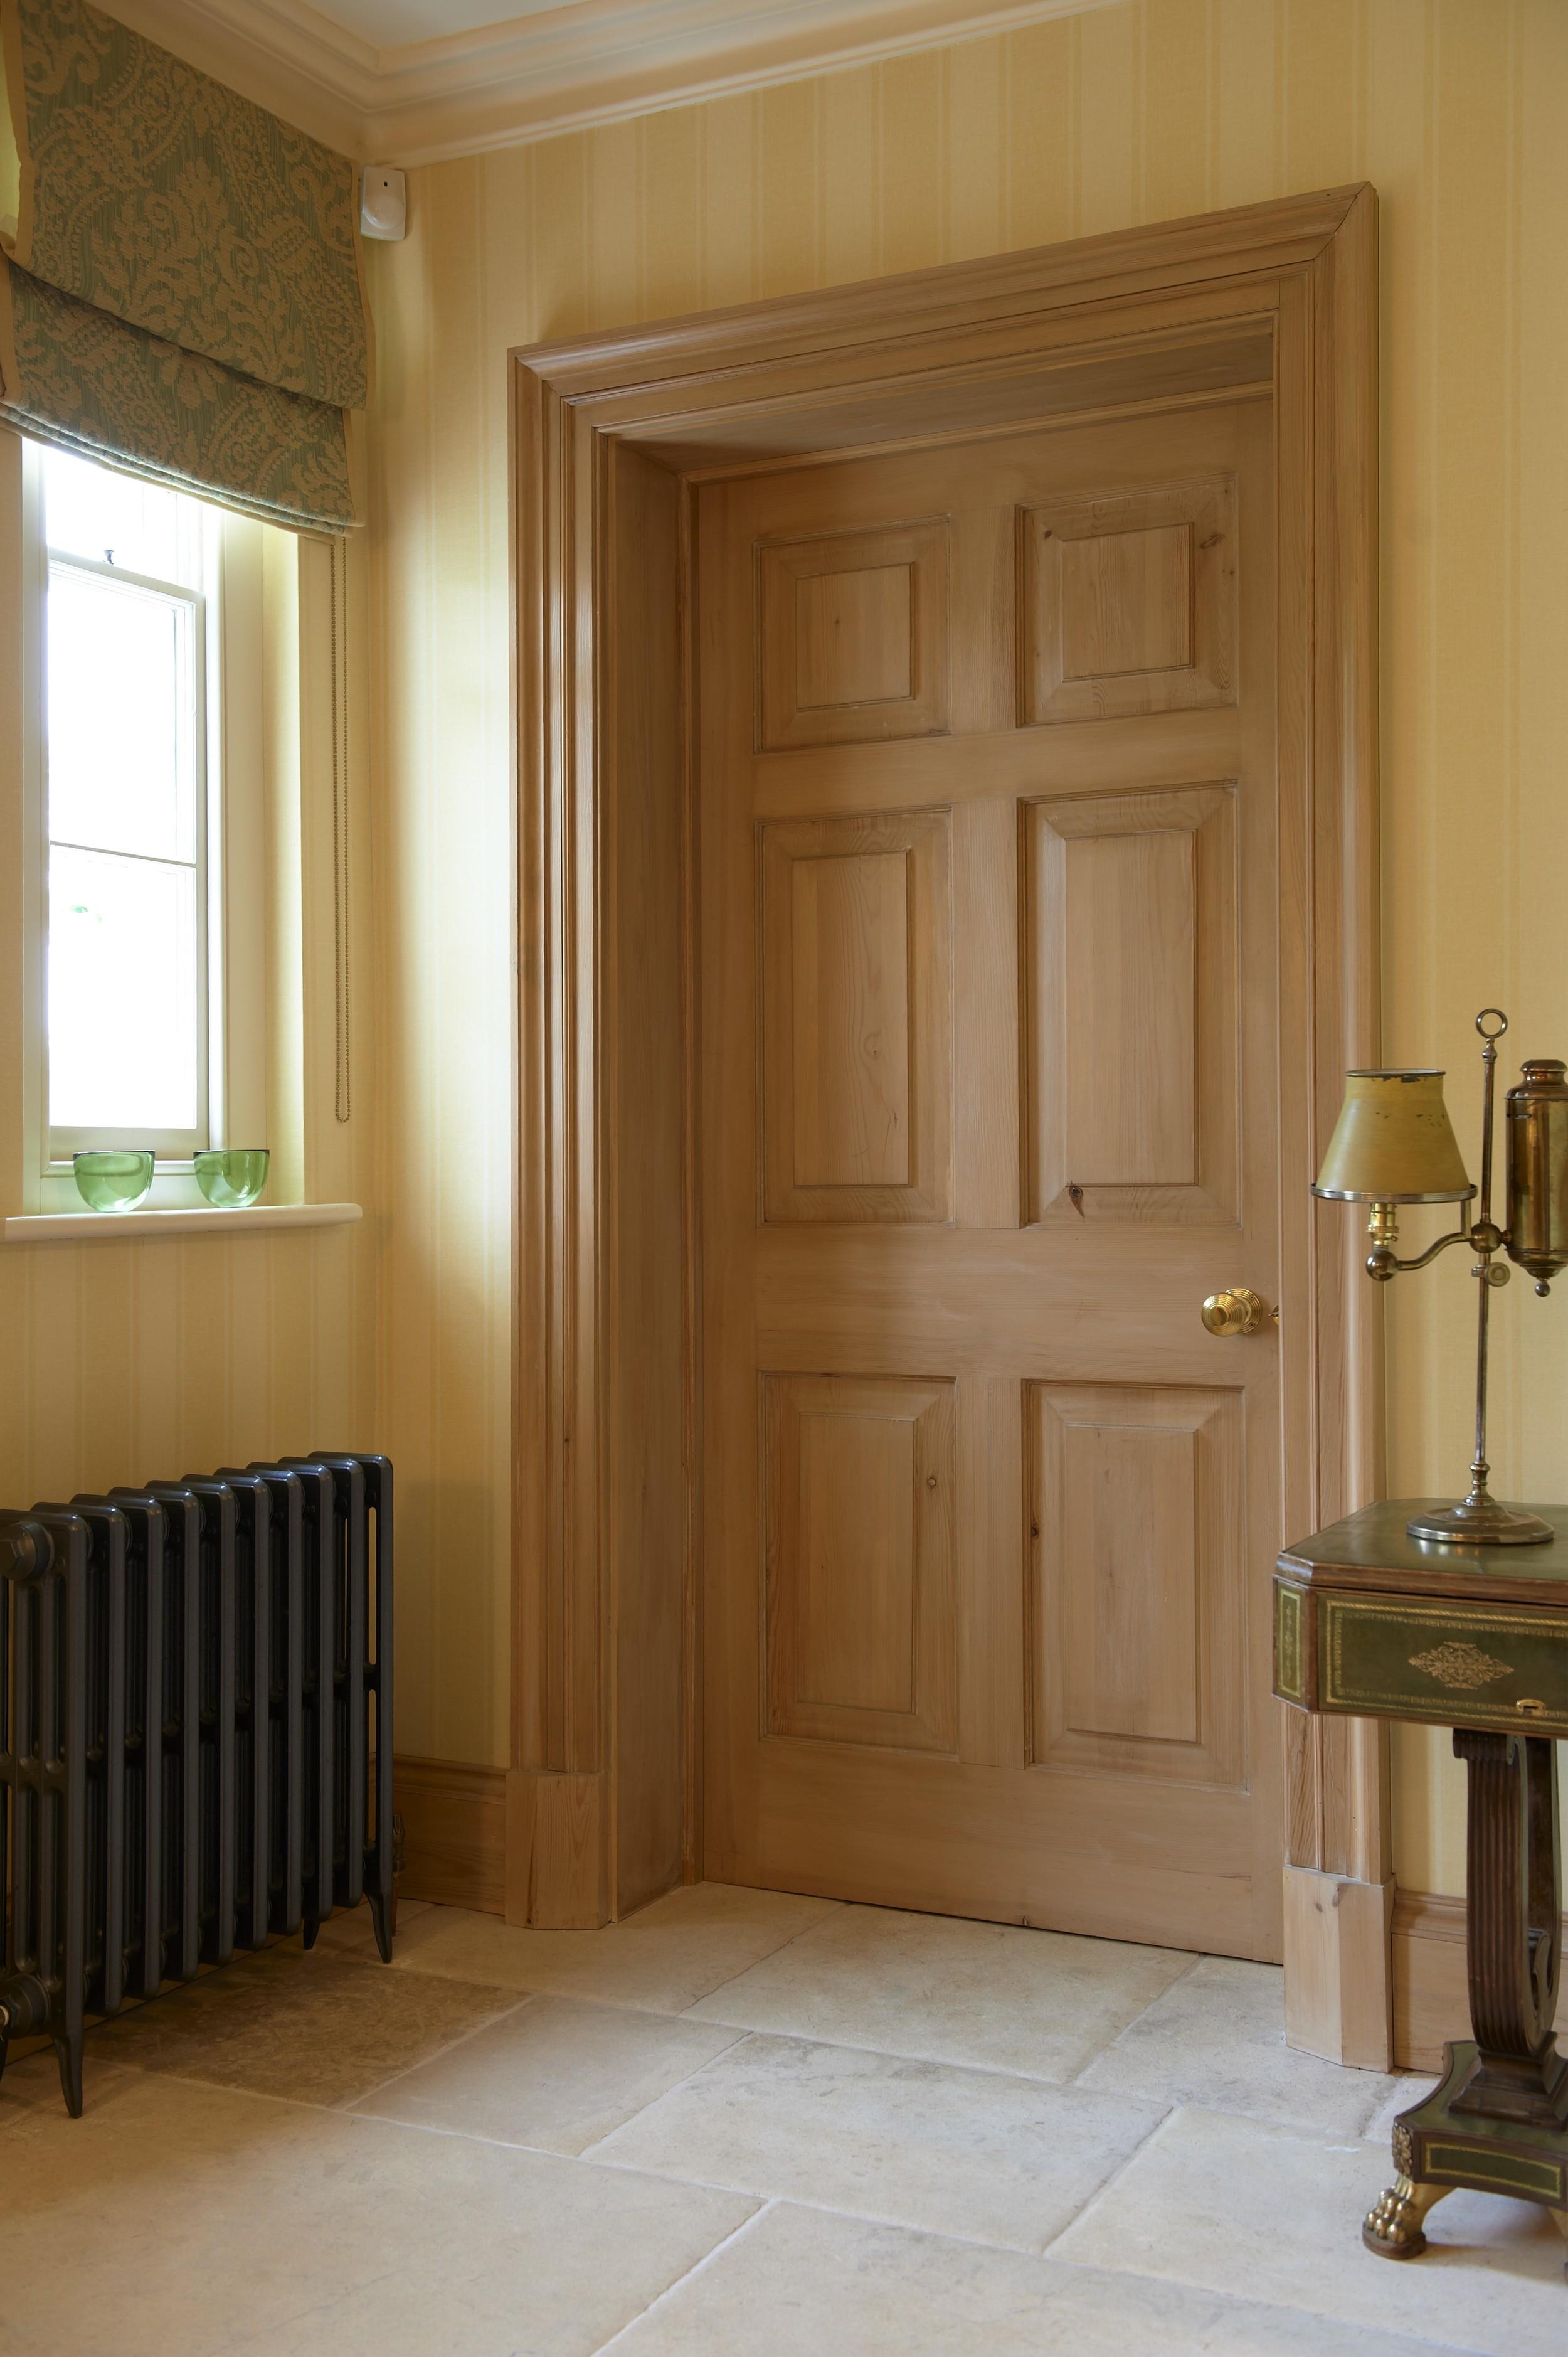 Hallidays_Door_1040.jpg